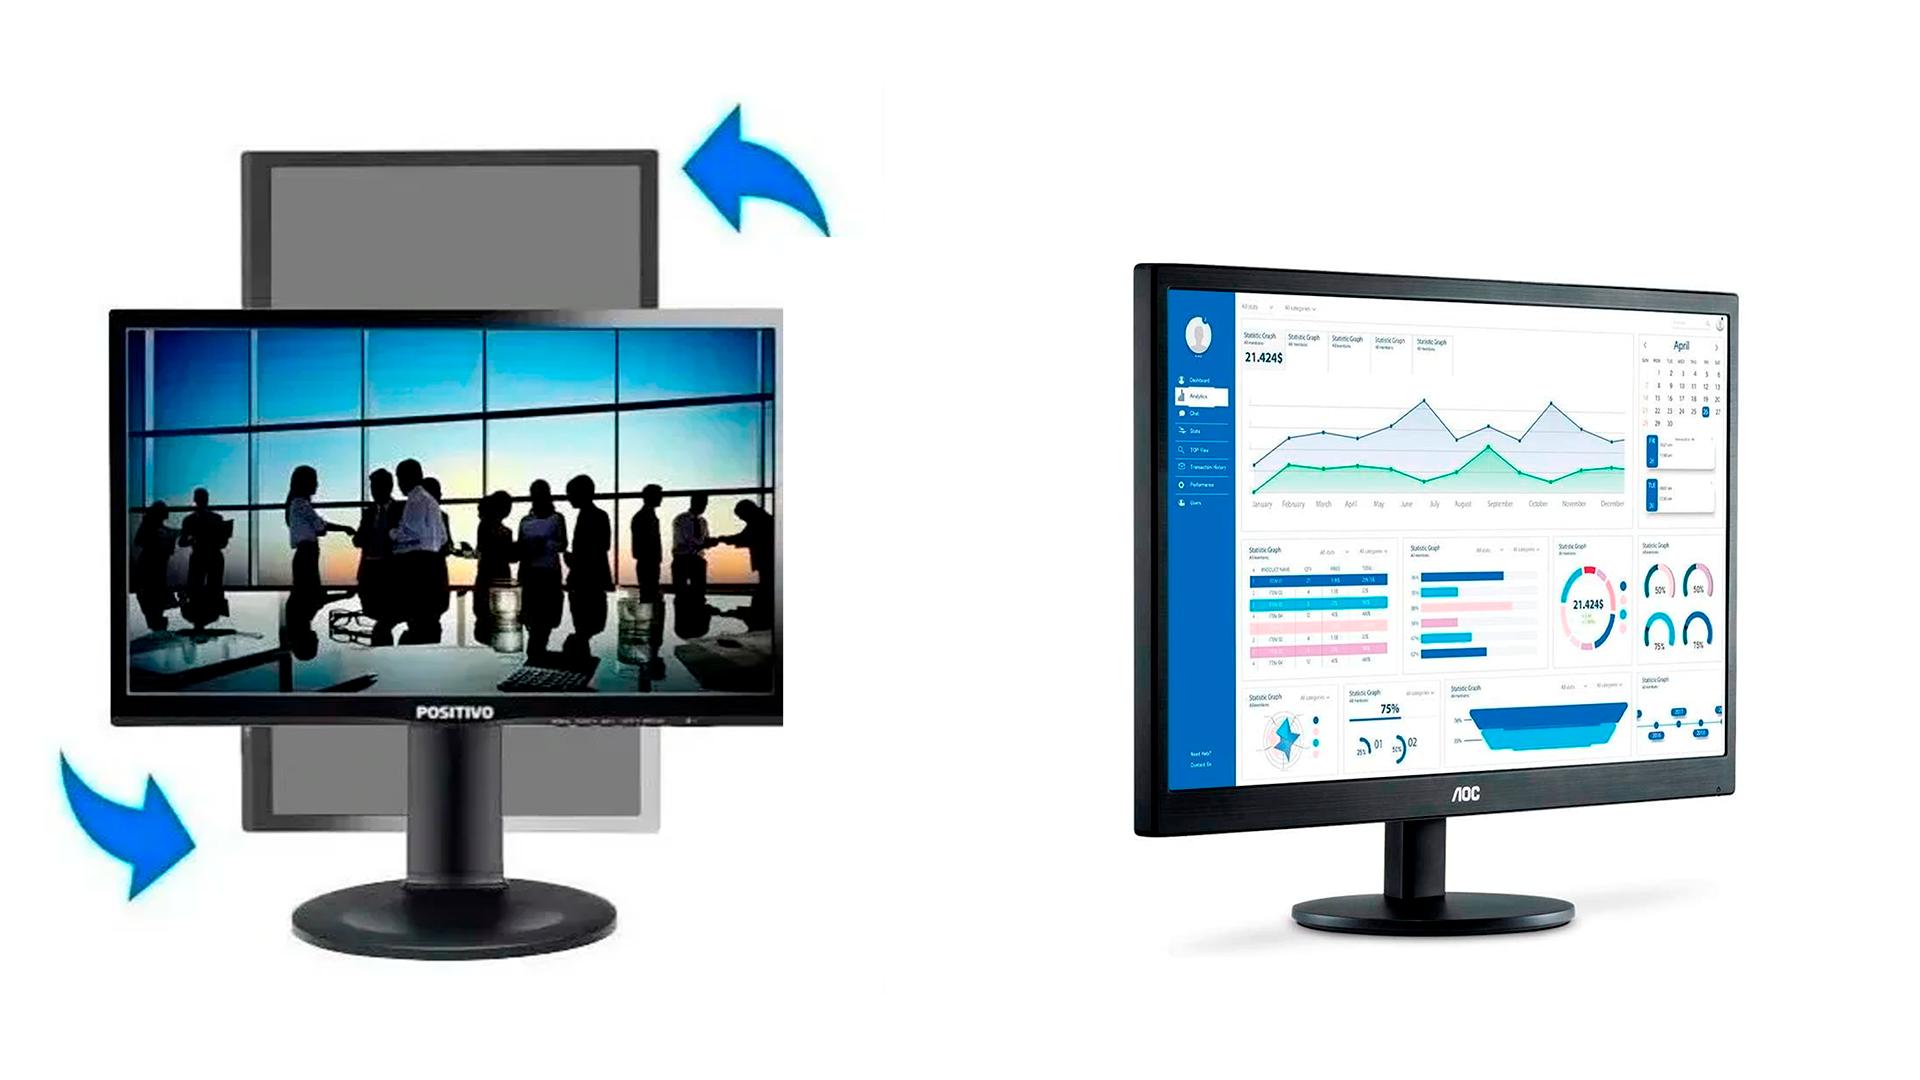 Veja a comparação do monitor da Positivo 22MP55PQ e o monitor AOC M2470SWH2 (Foto: Divulgação/Positivo e AOC)